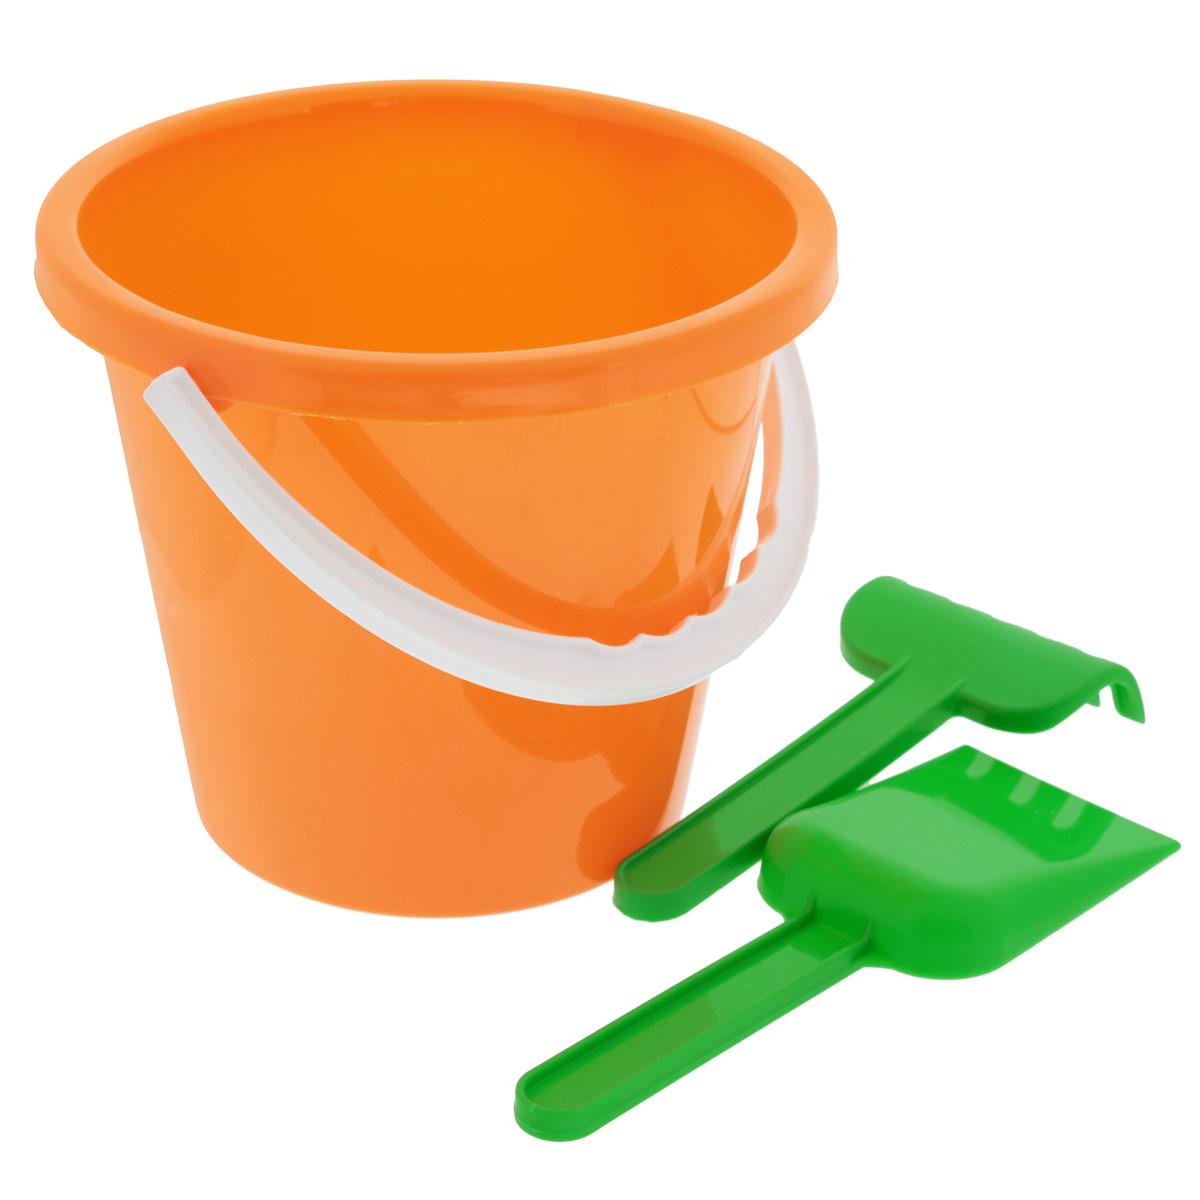 Набор для игры с песком Альтернатива, цвет: оранжевый, 3 шт детский набор для моделирования stirling engine stirling gz001